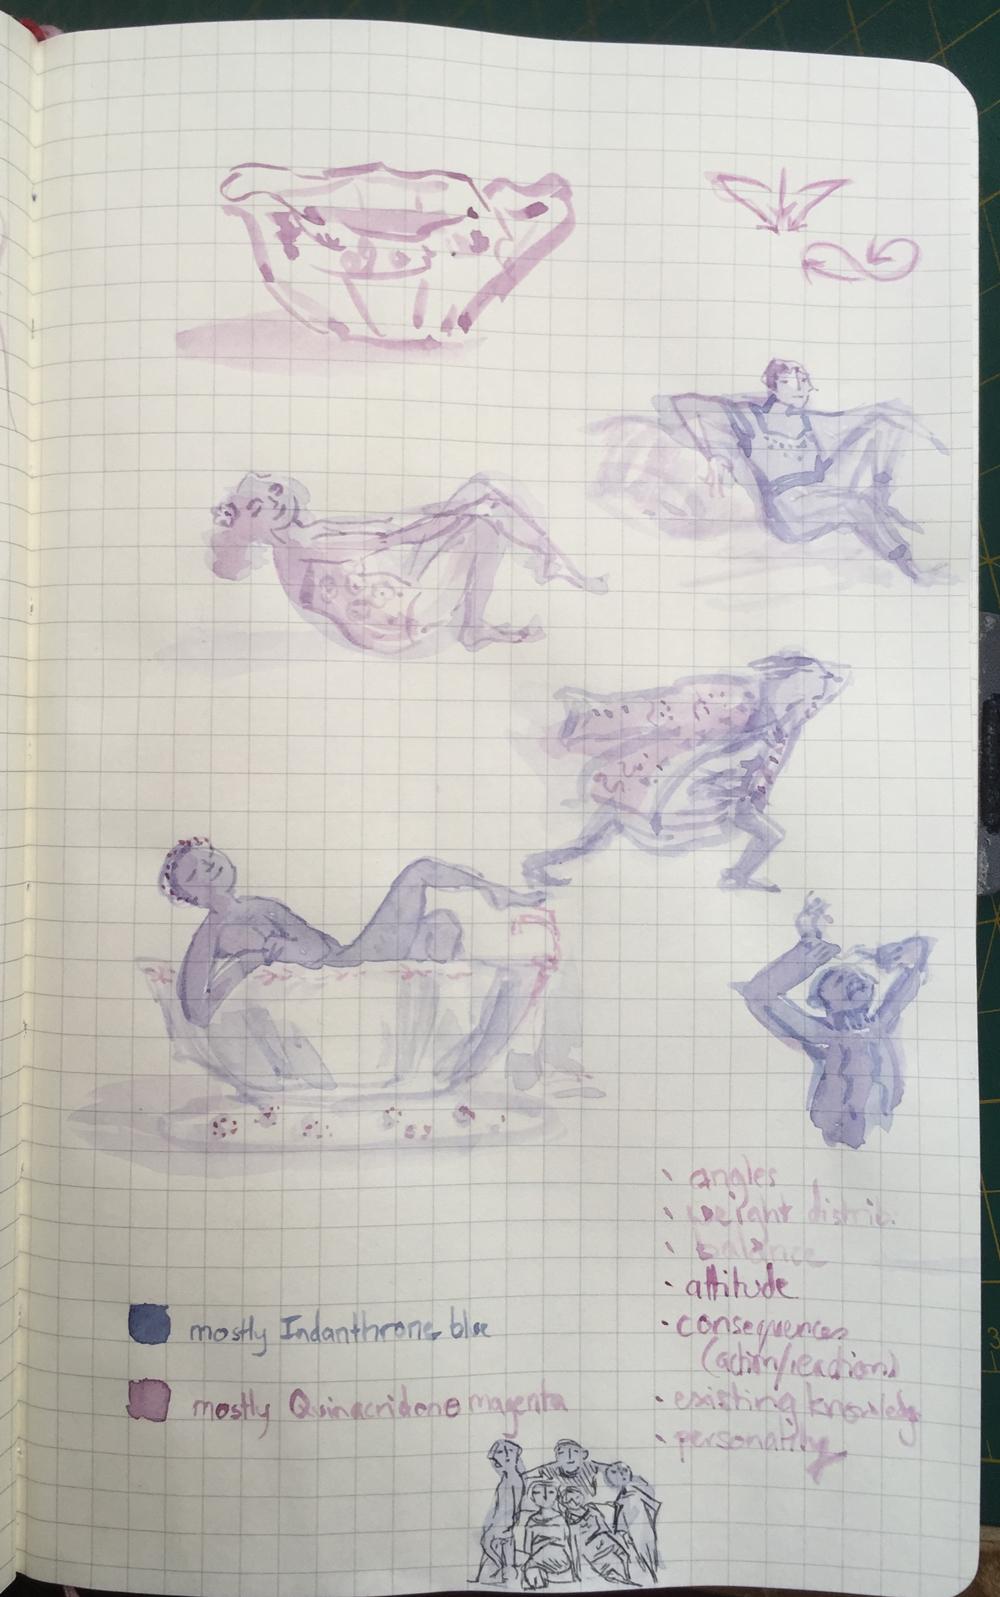 2020-04-05-Sketch06KJennings